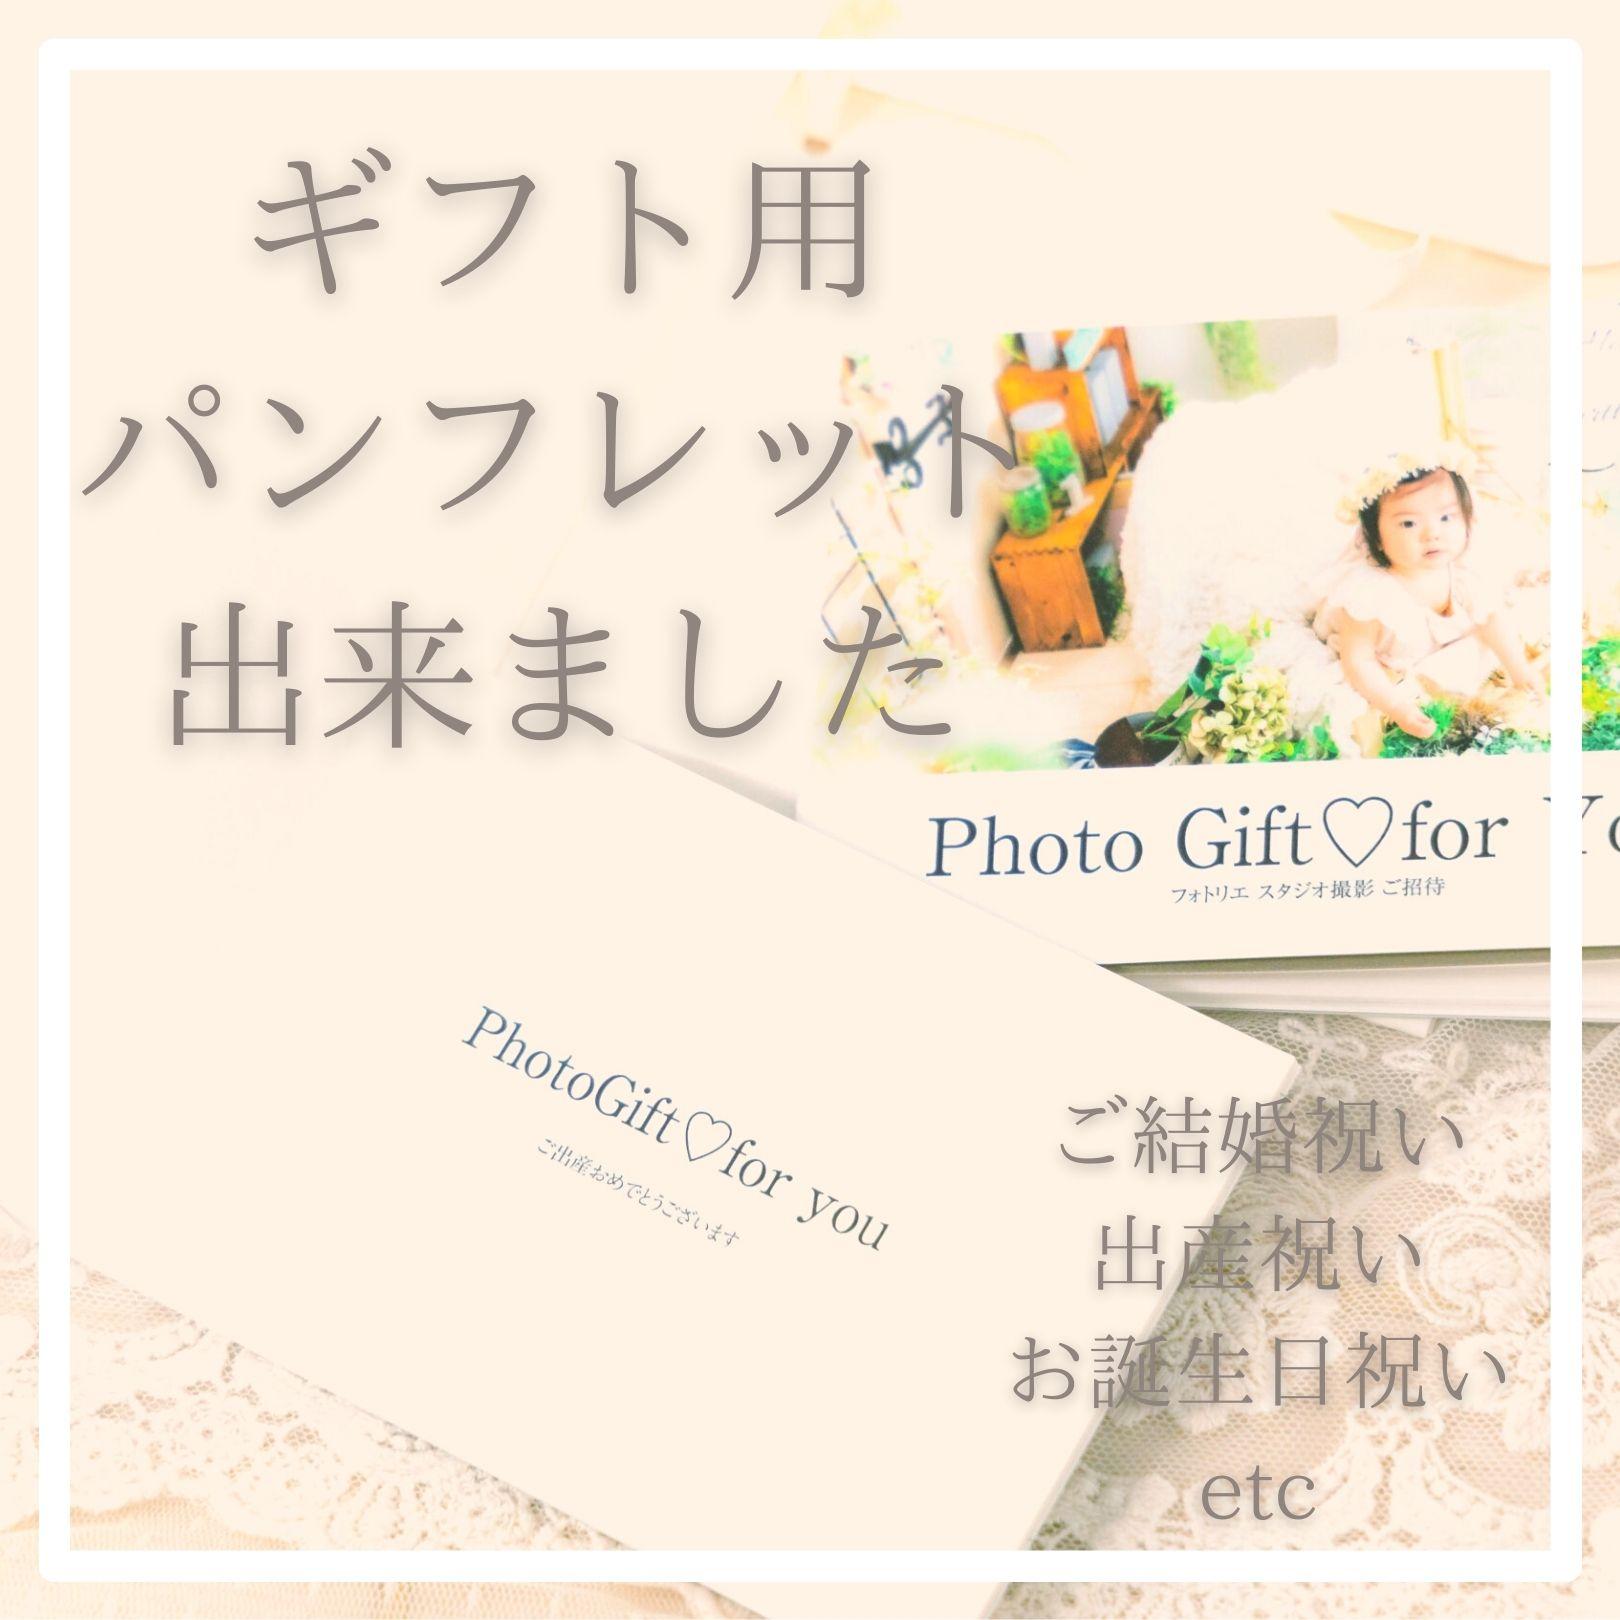 【ギフト対応】出産祝い・誕生日祝い・入園入学祝いに送れるギフトプラン、出来ました|仙台のフォトスタジオ|ママカメラマン